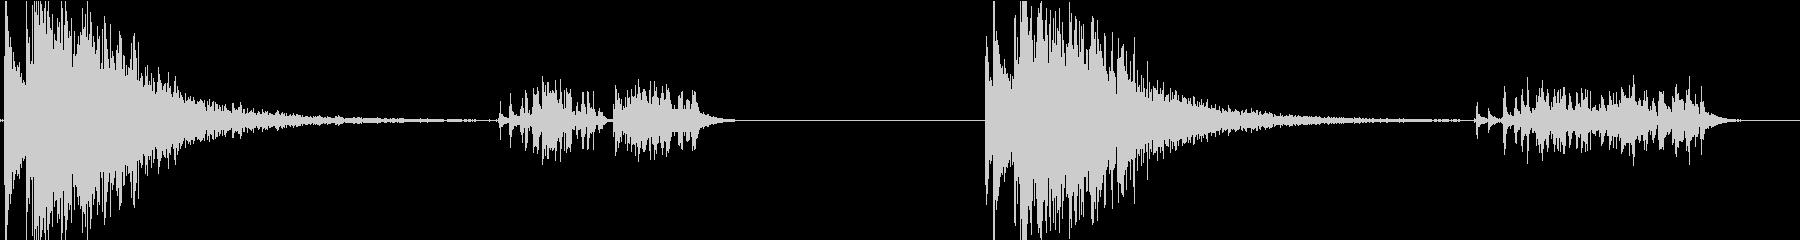 21ガンサリュート:シングルショッ...の未再生の波形